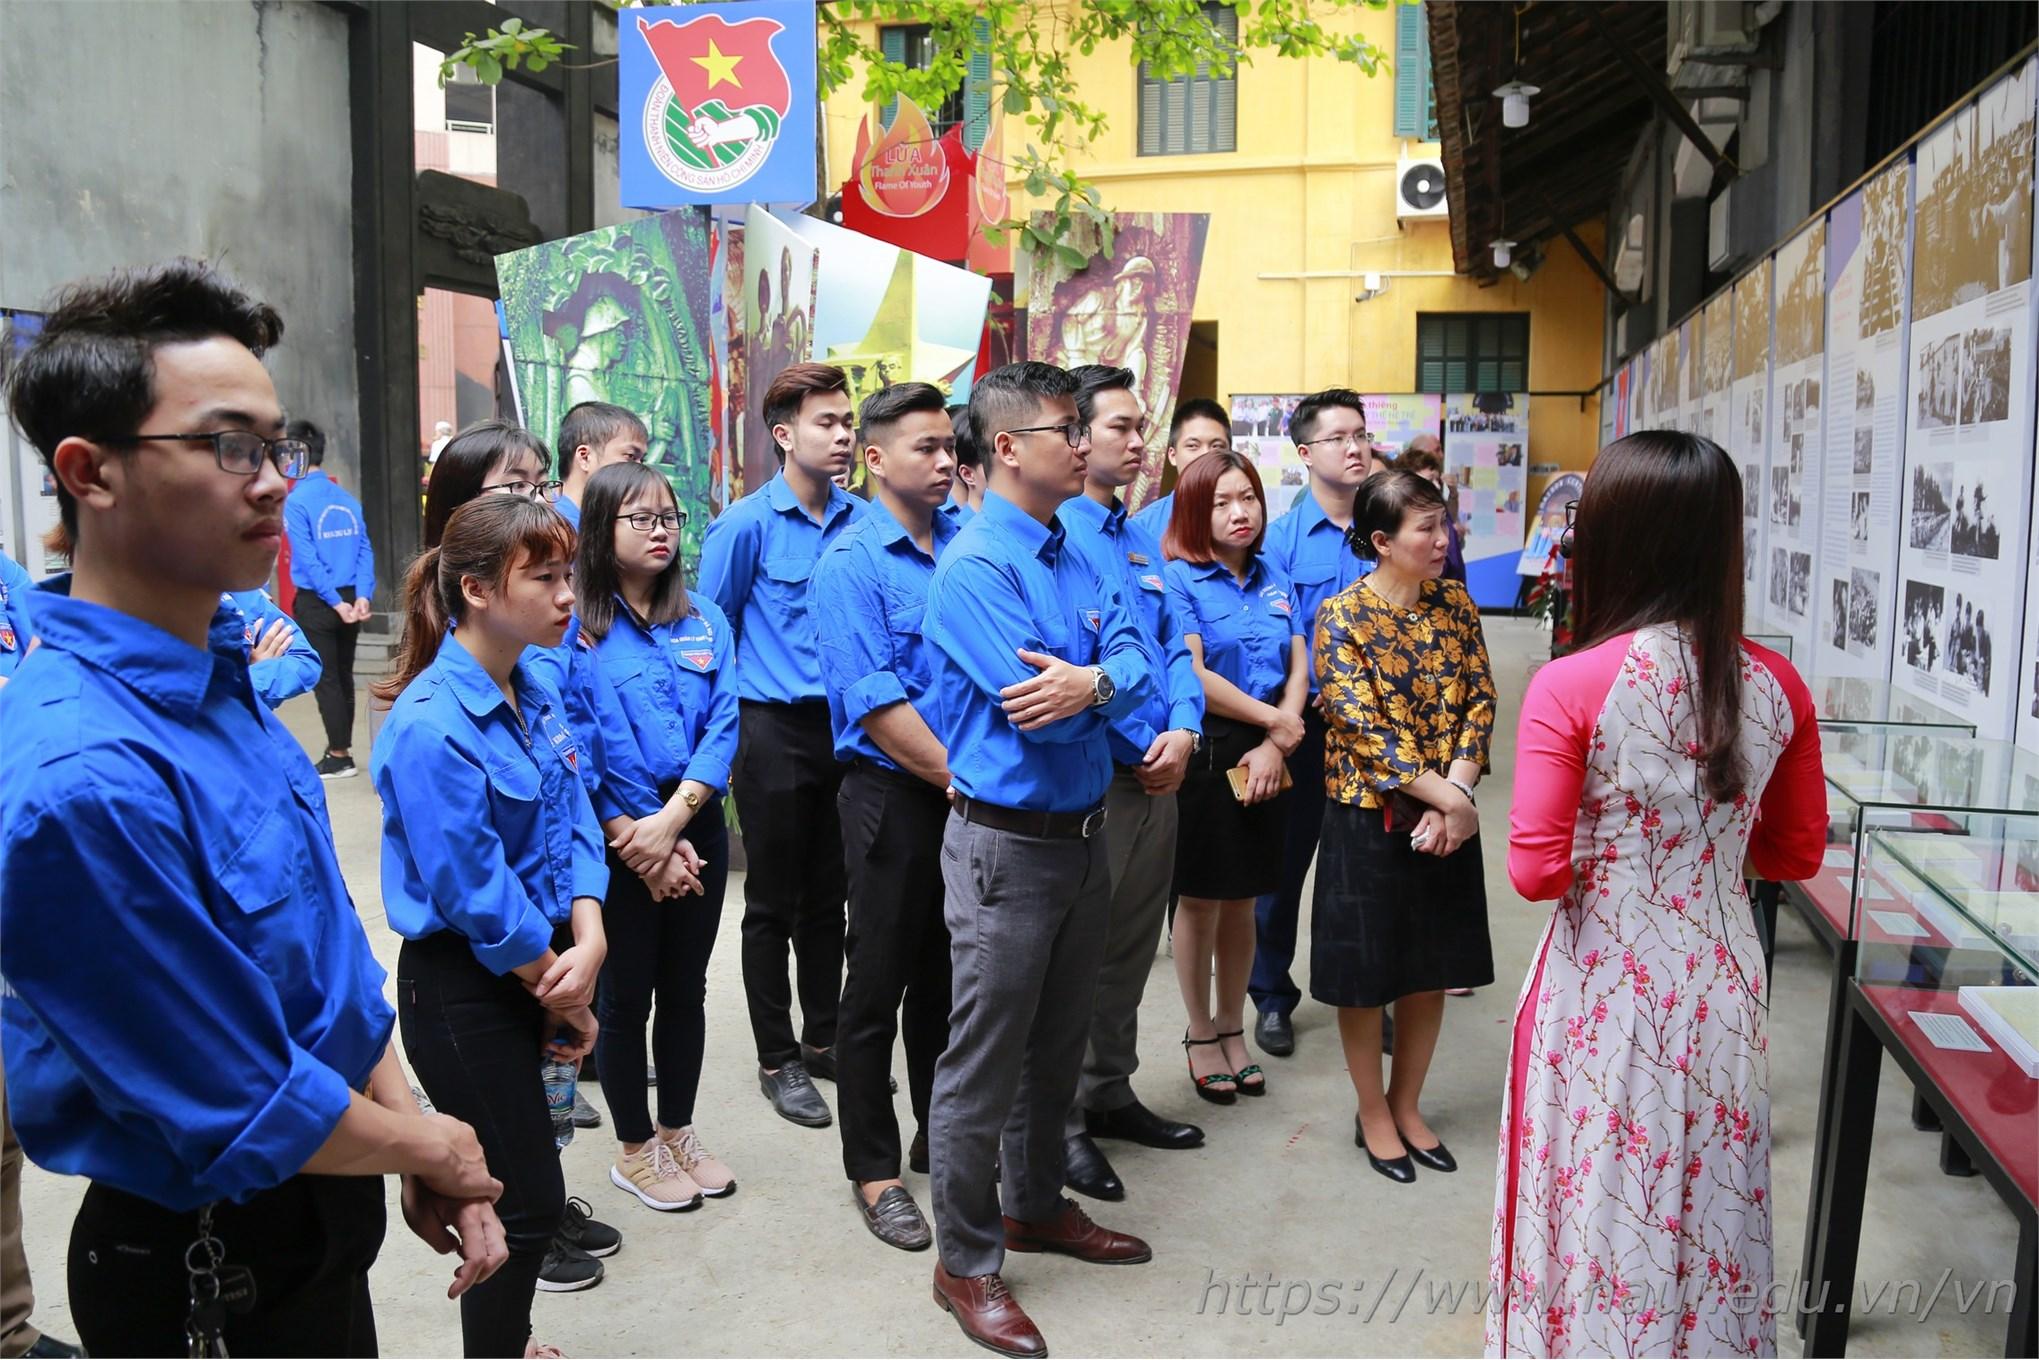 Đoàn Thanh niên ĐHCNHN tham quan, học tập tại Khu Di tích Nhà tù Hỏa Lò